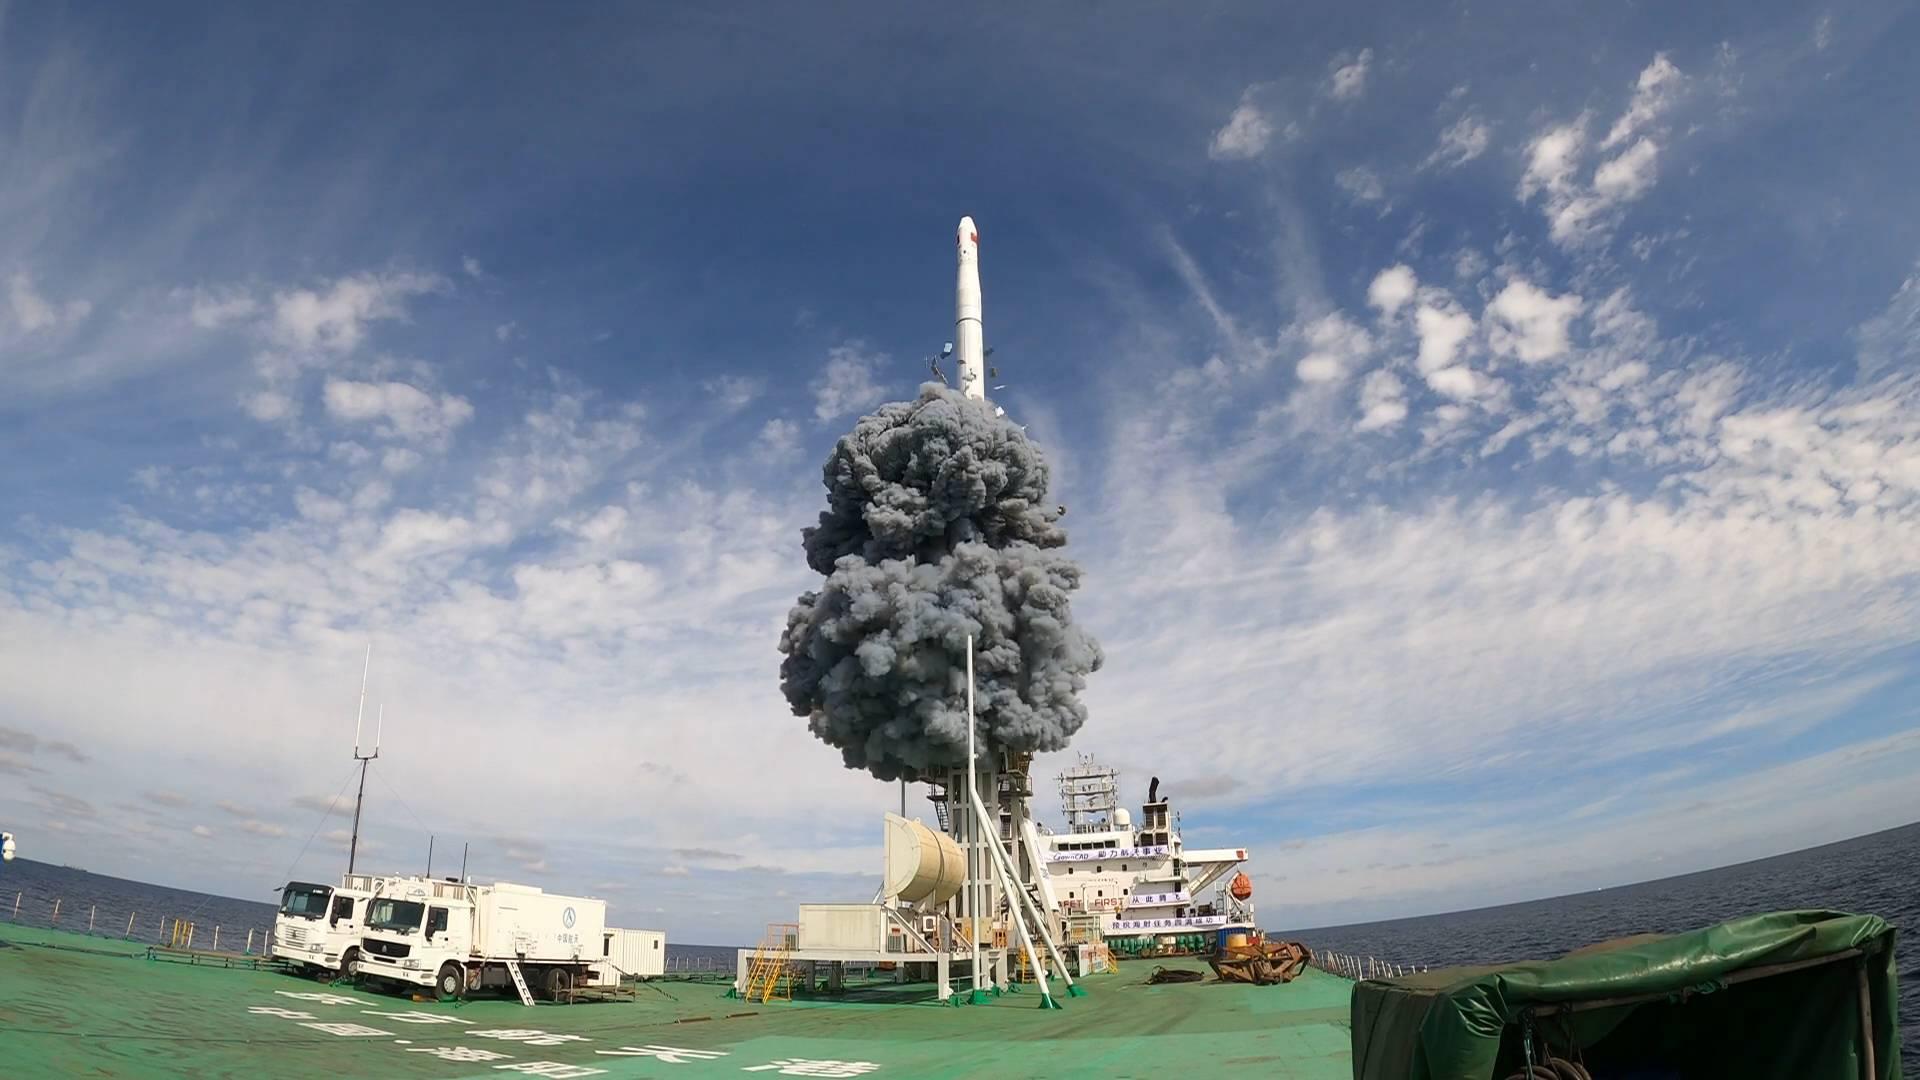 长征十一号遥九火箭海阳出厂 山东实现火箭生产、制造、发射一体化